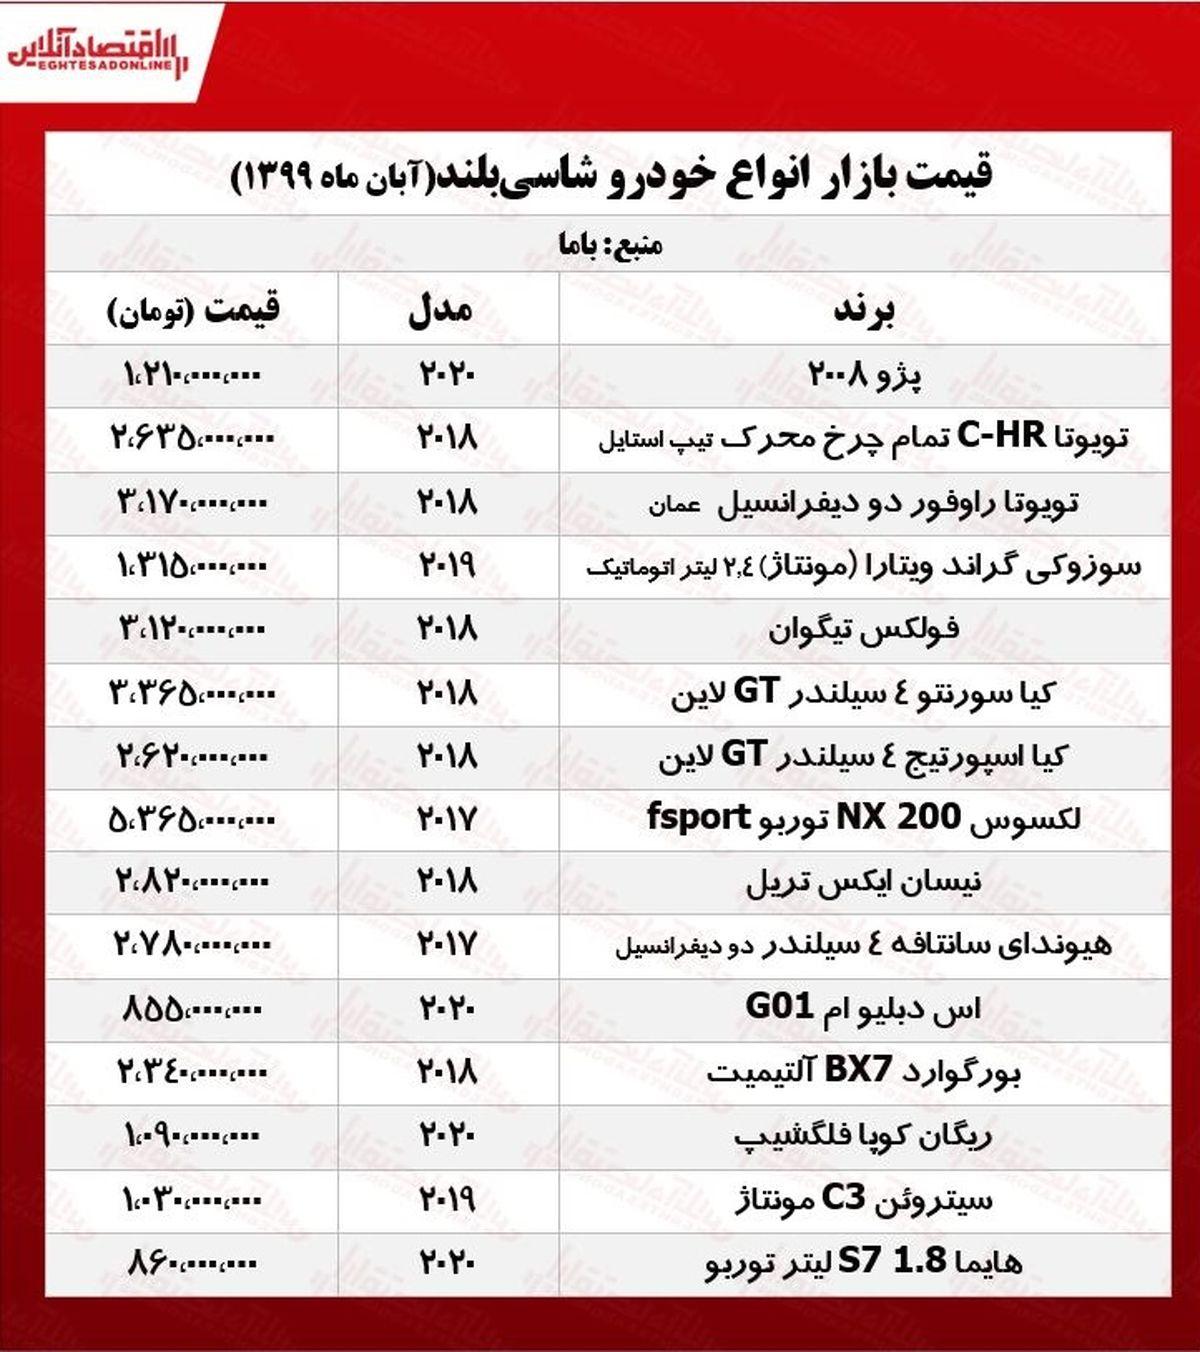 قیمت شاسی بلند های لاکچری تهران +جدول